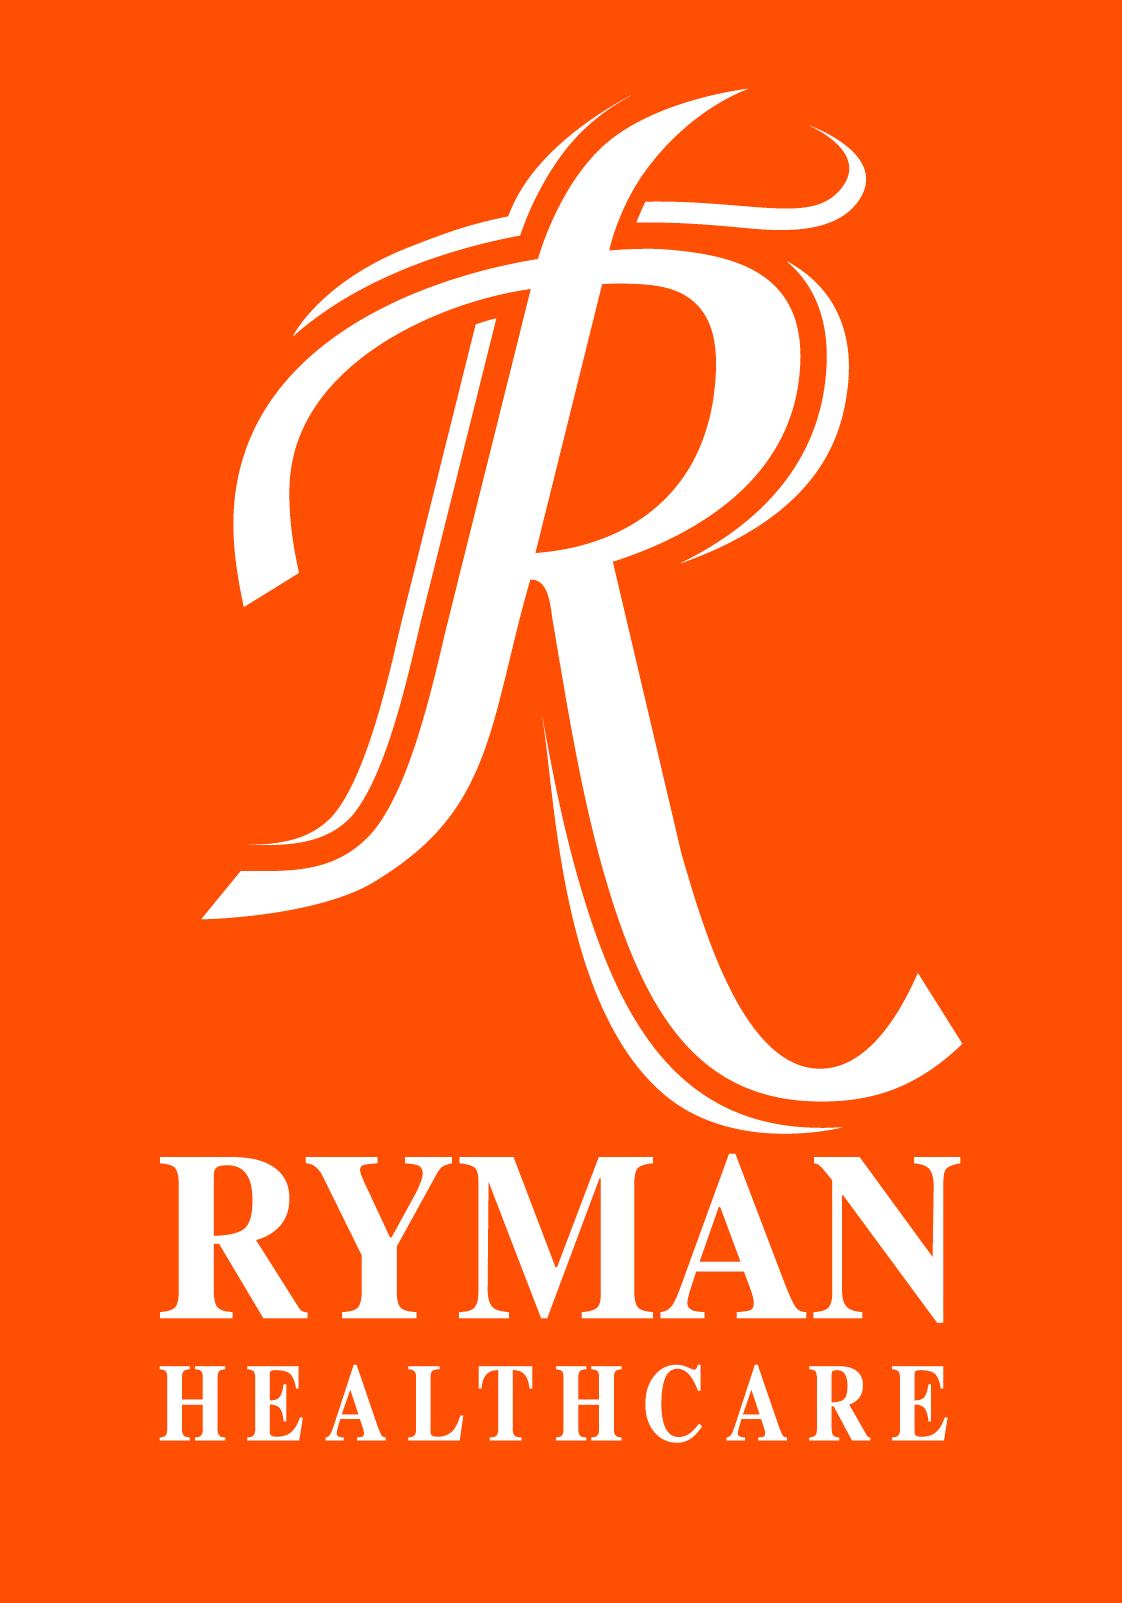 RymanHealthcare